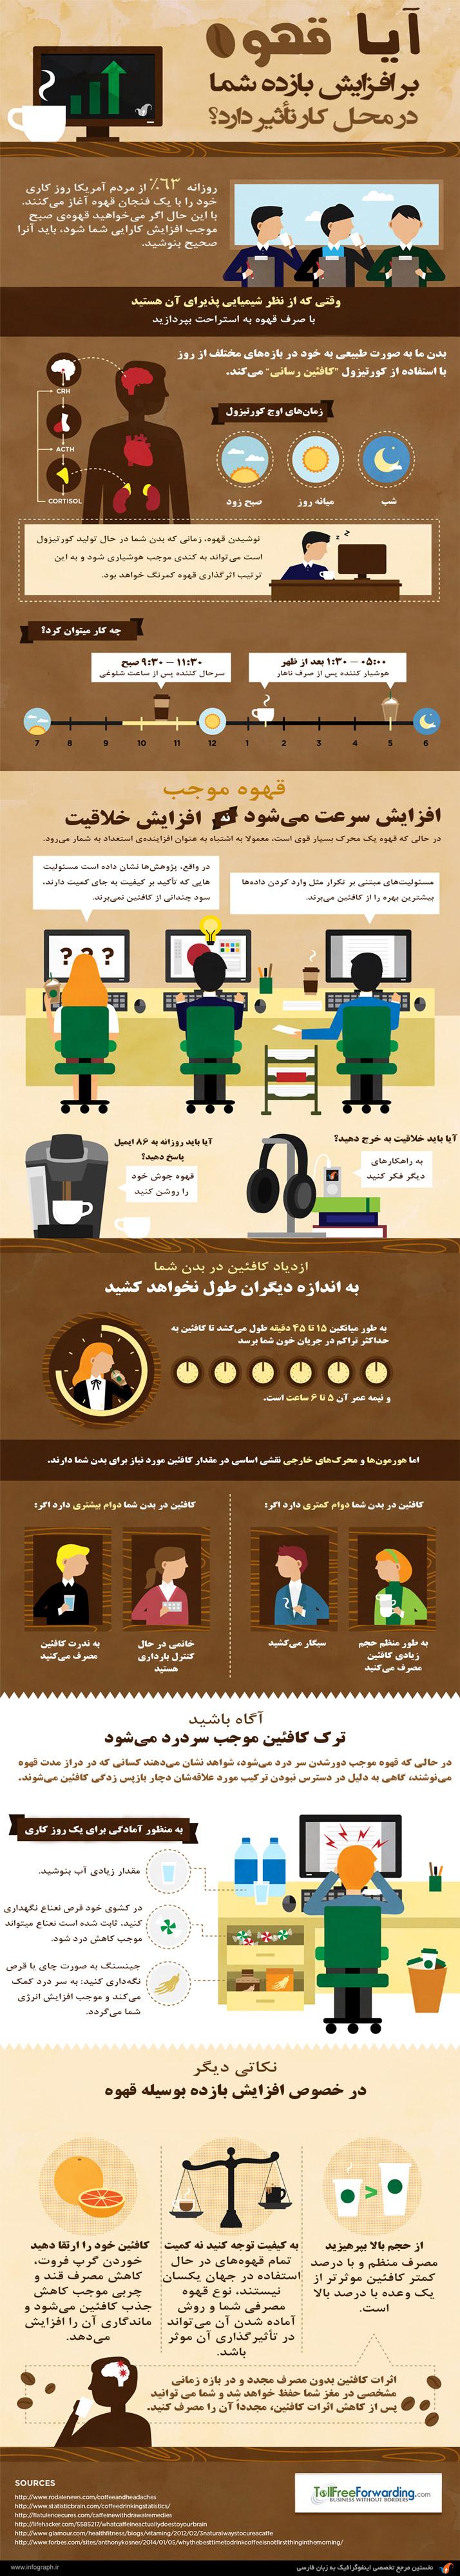 اینفوگرافیک آیا قهوه بر افزایش بازده شما در محل کار تاثیر دارد؟